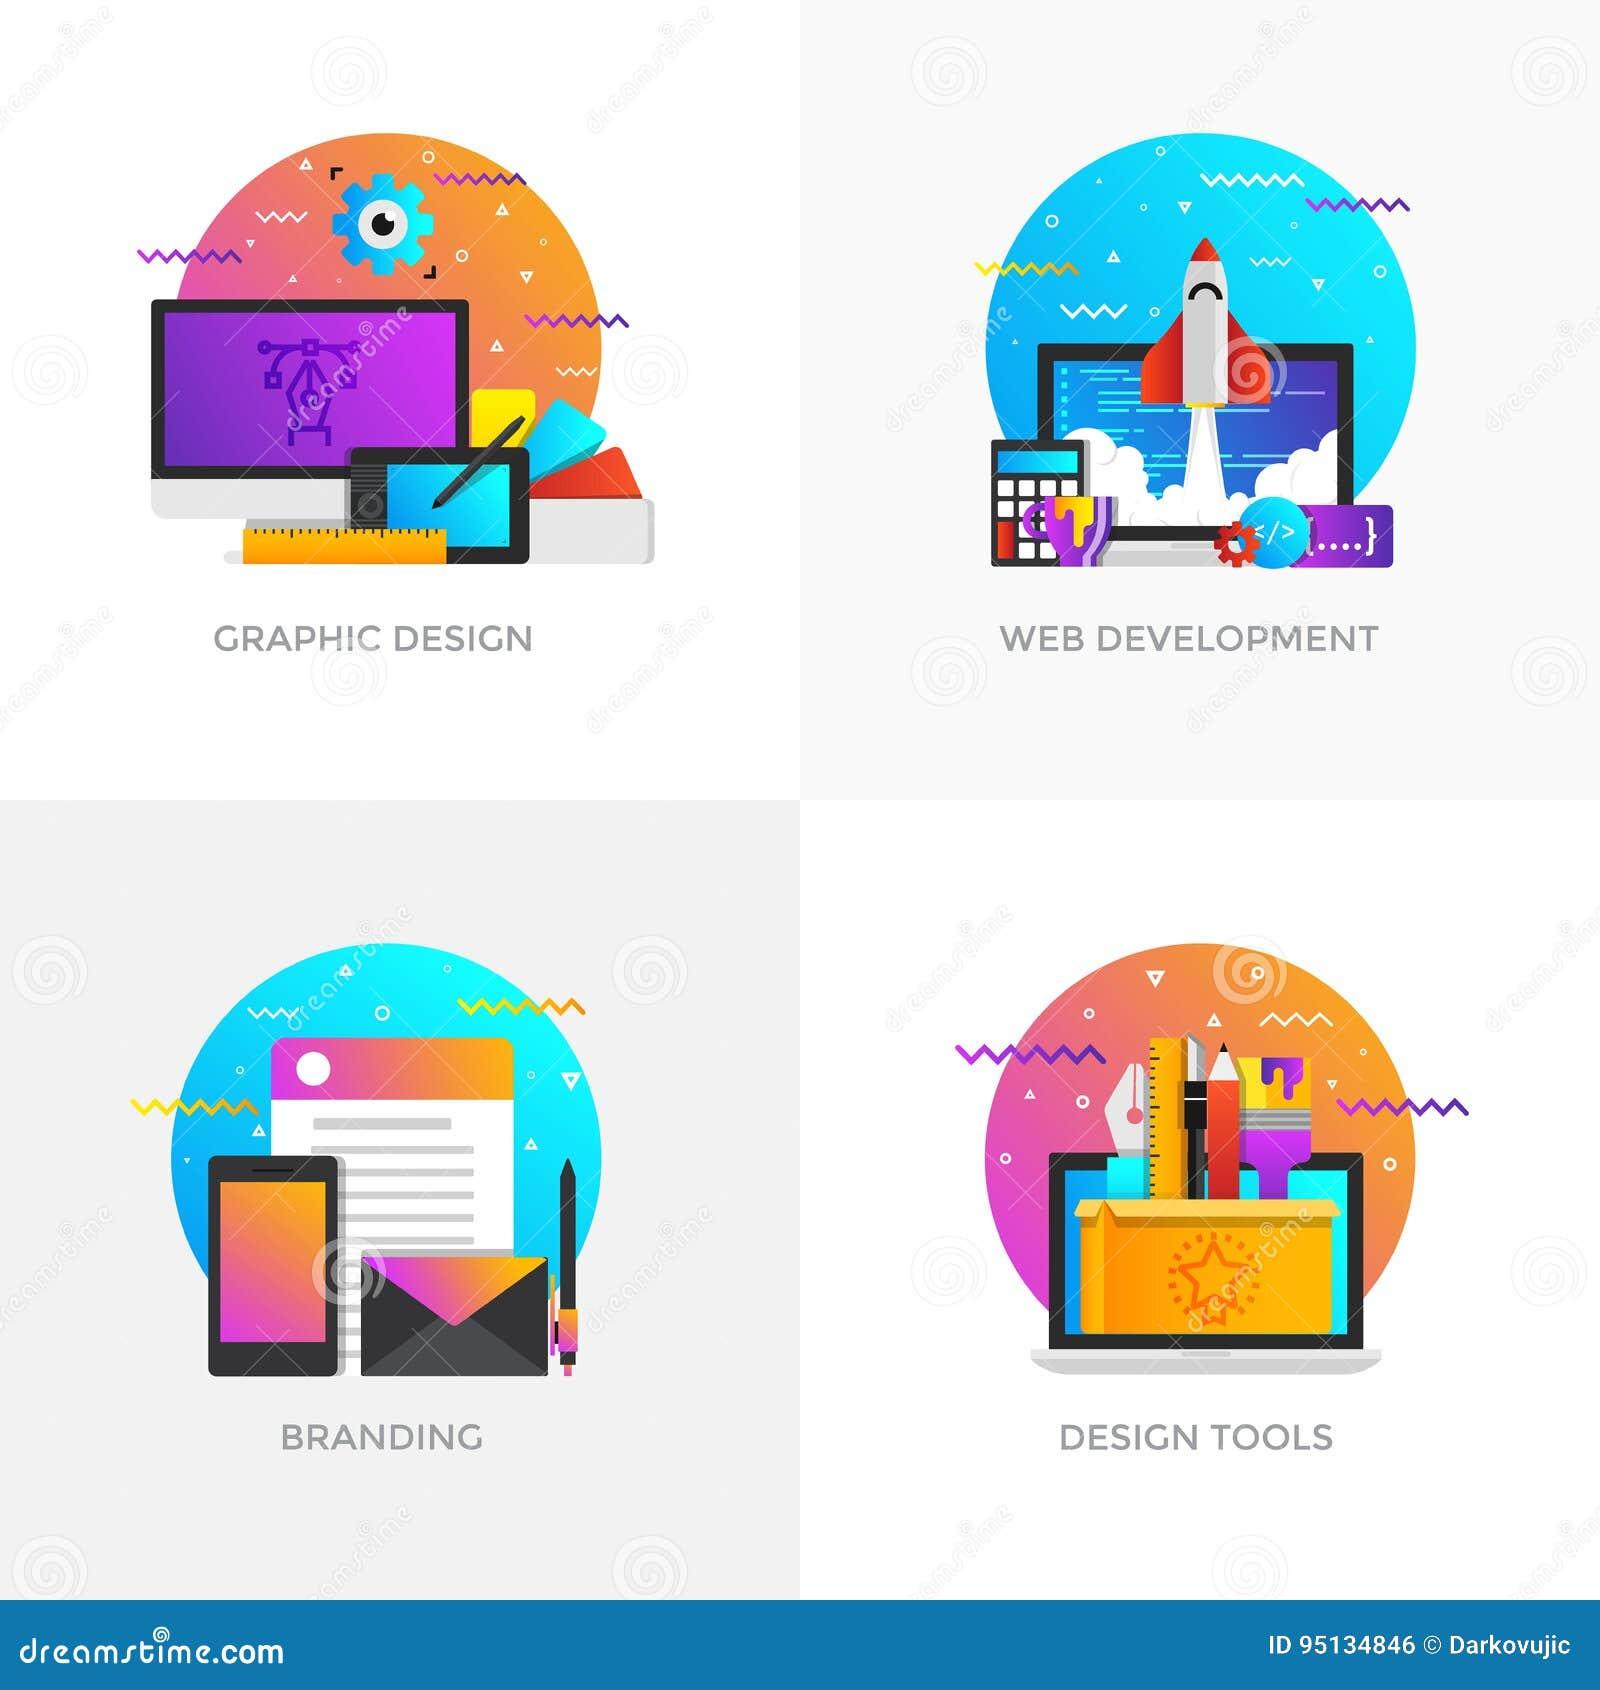 平的设计观念-图形设计,网发展,布兰迪